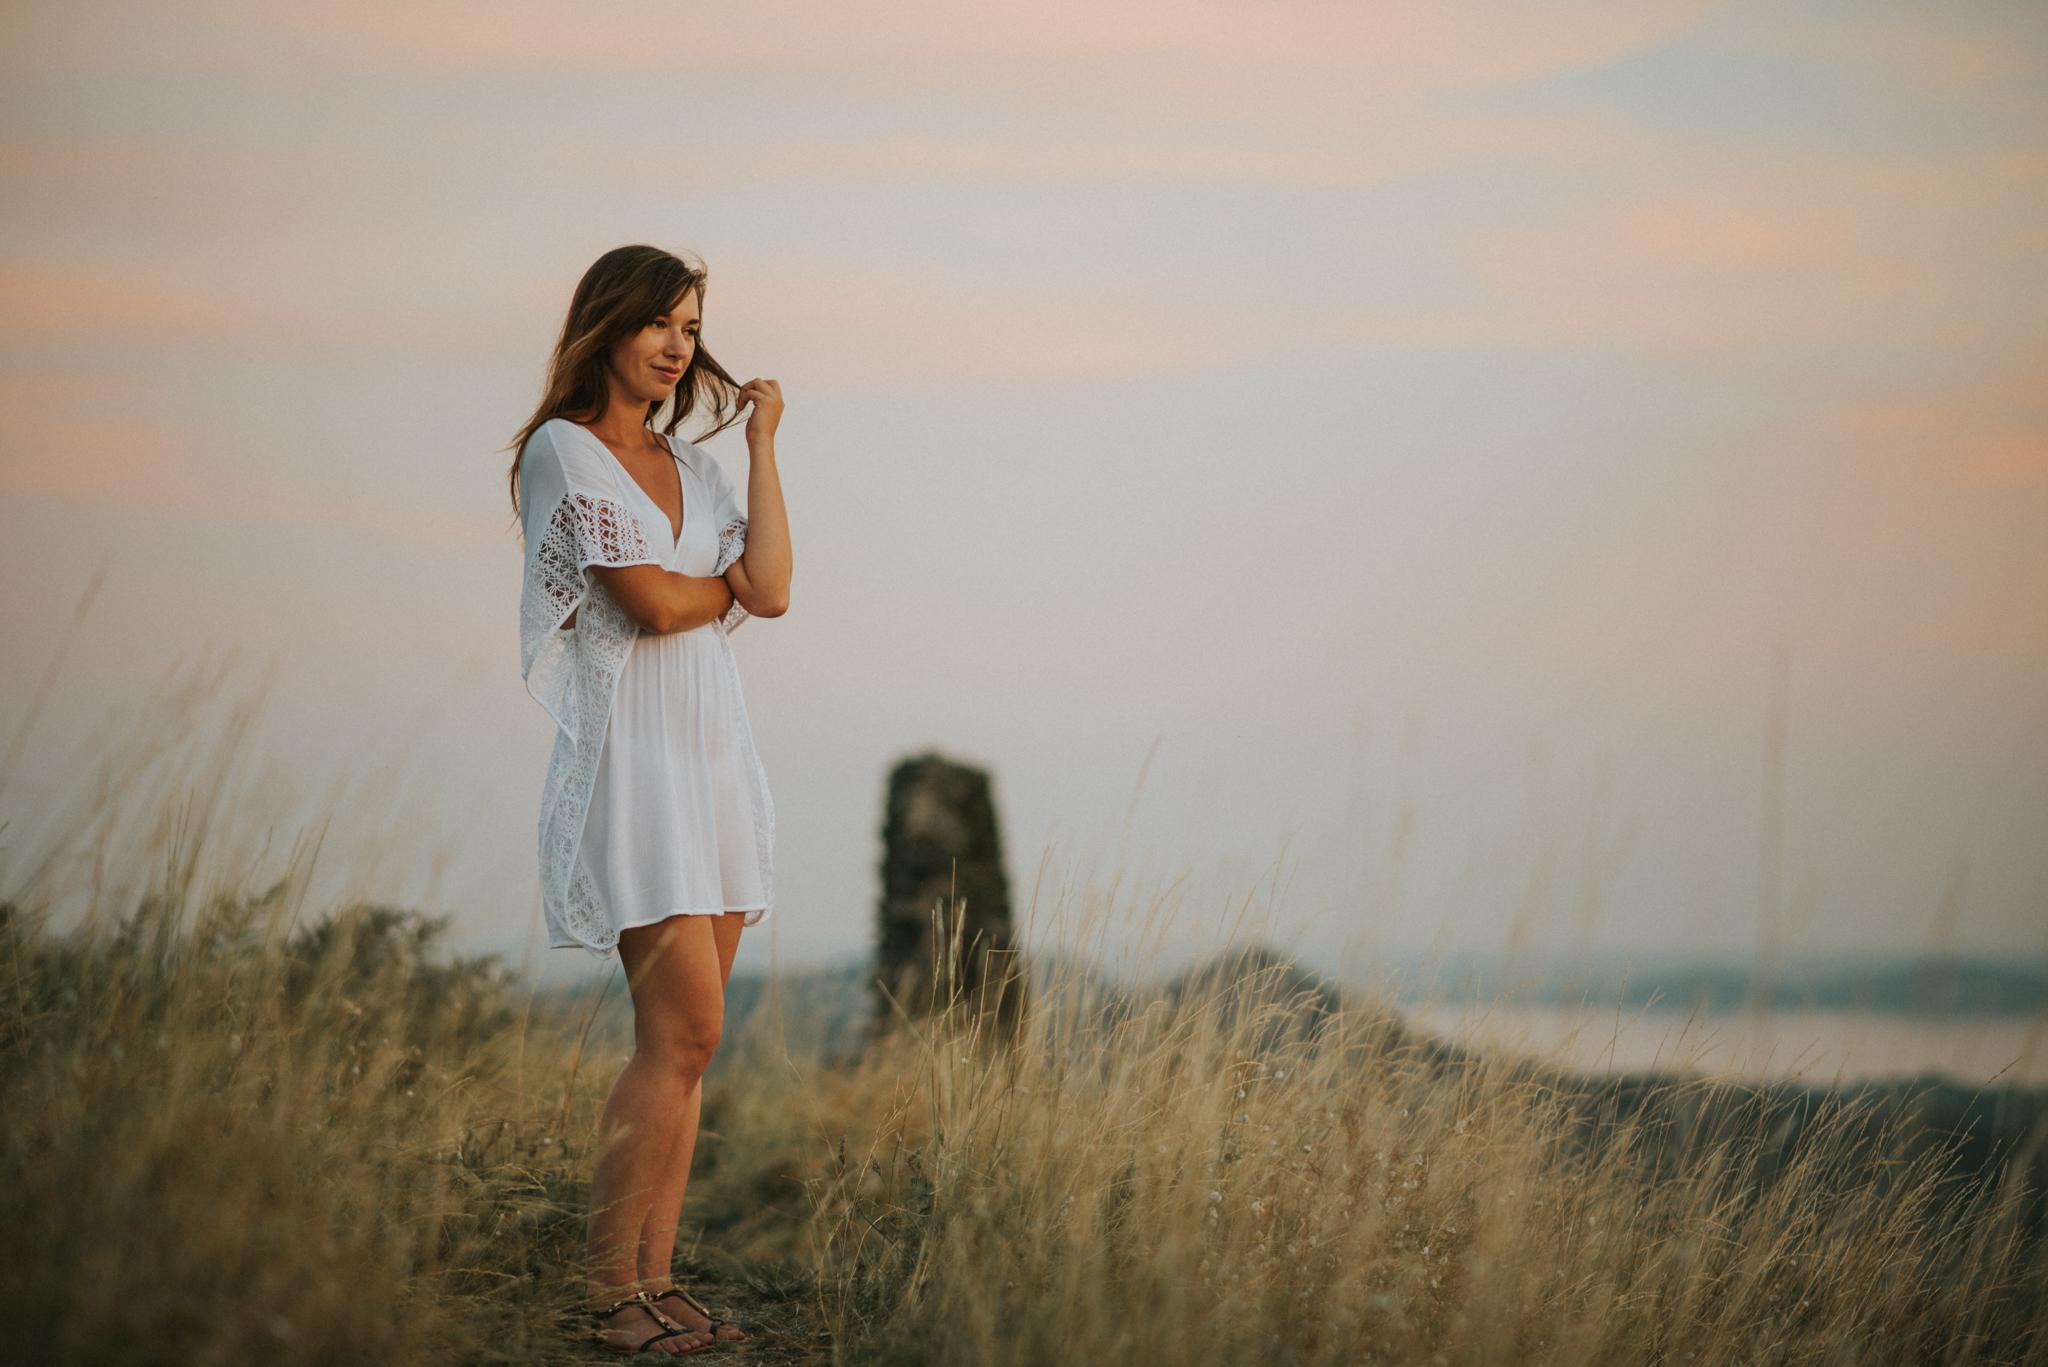 gabor_sallai_Magda_style_shoot-